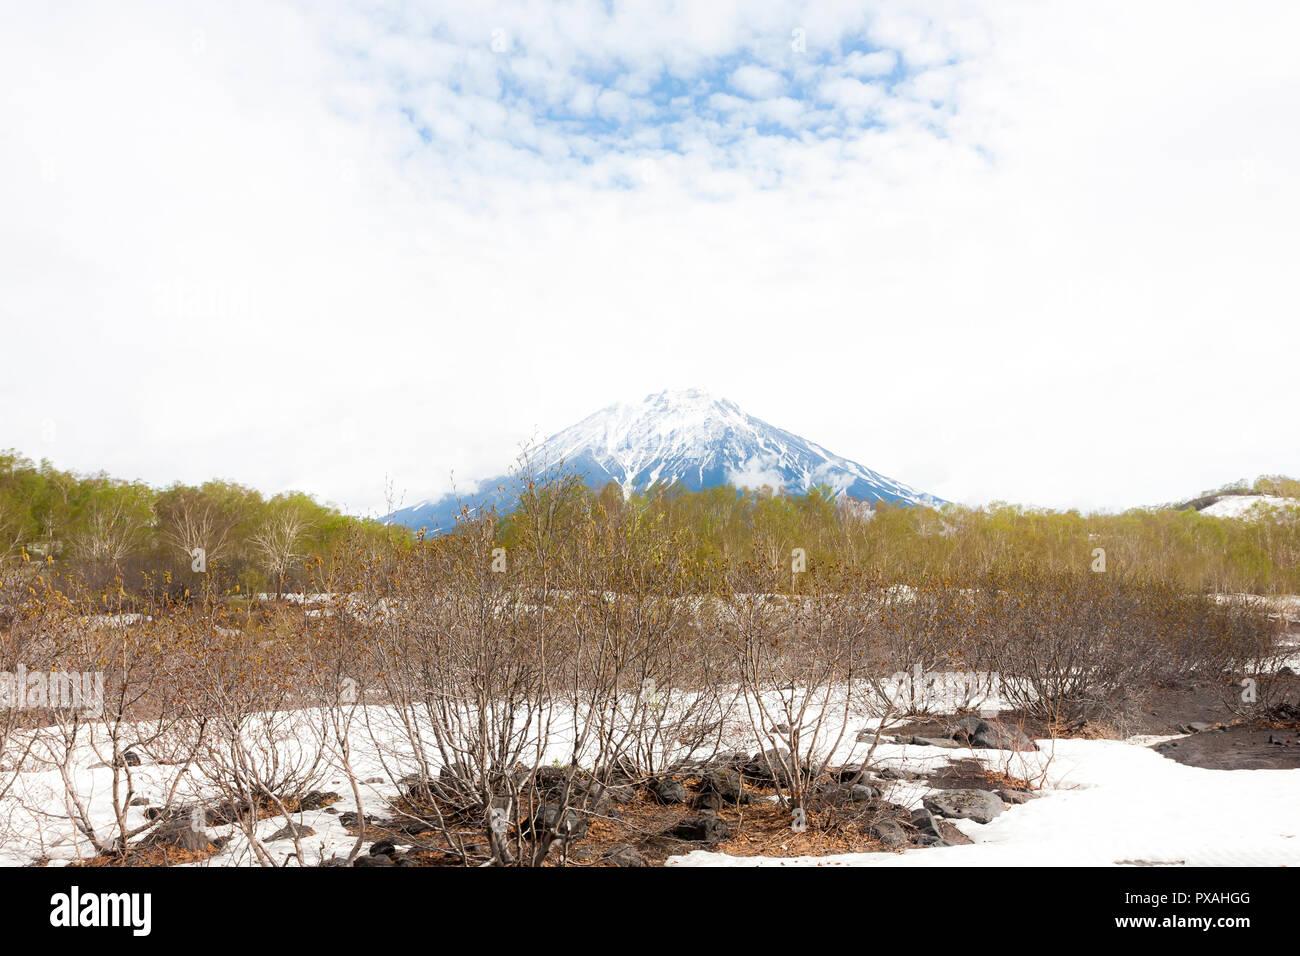 Koryaksky Volcano is an active stratovolcano of Kamchatka Peninsula, Russia. - Stock Image